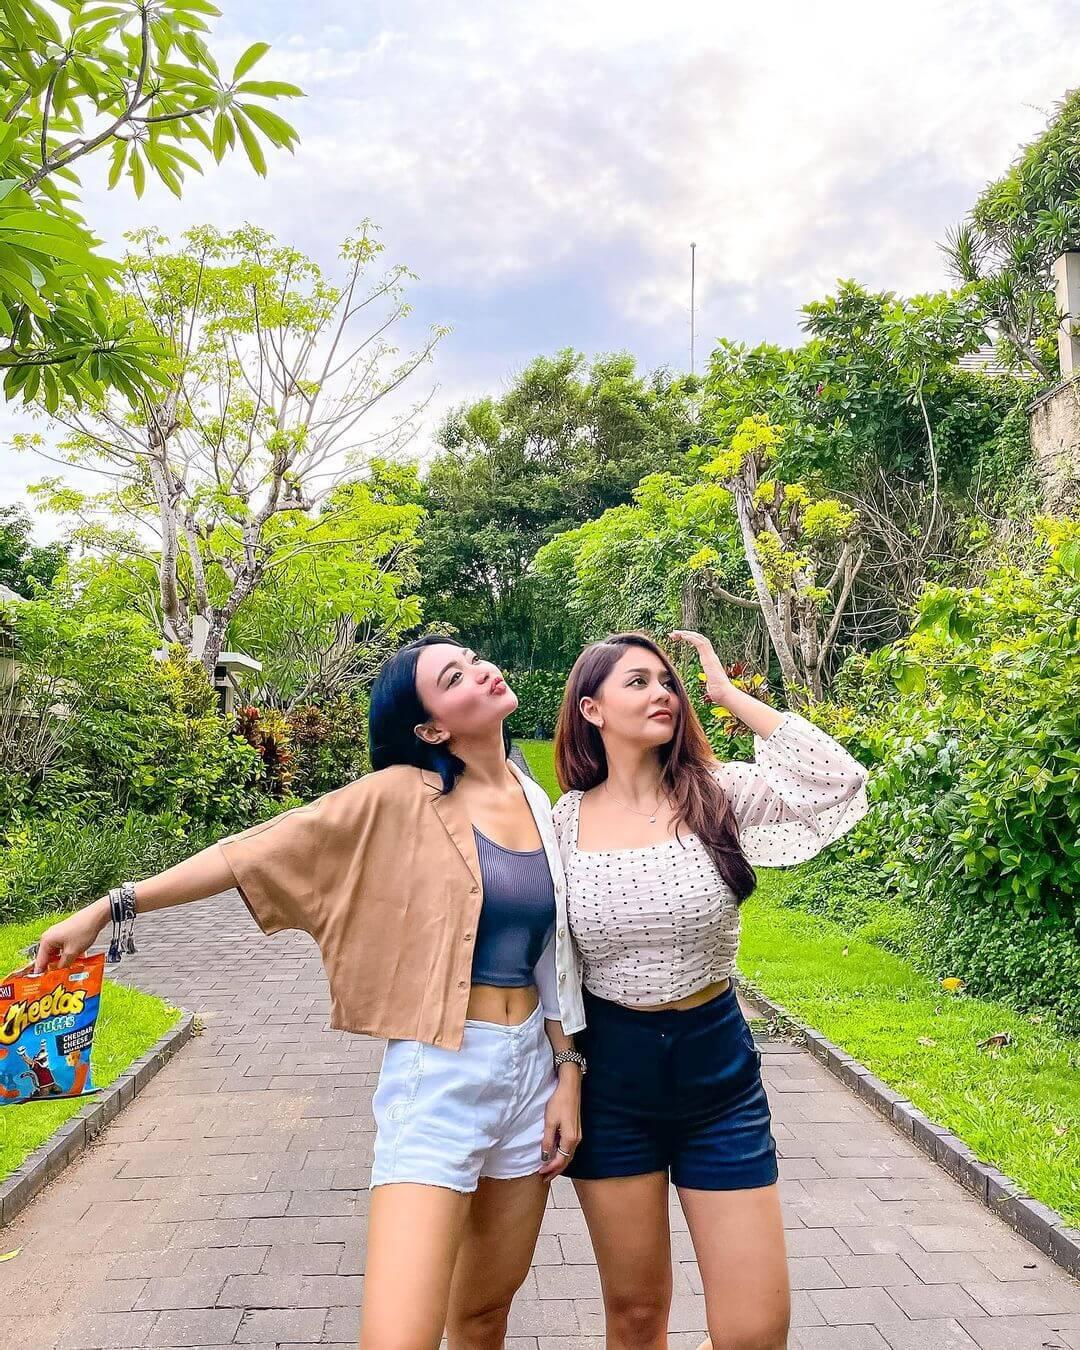 Wika Salim With Her Friend